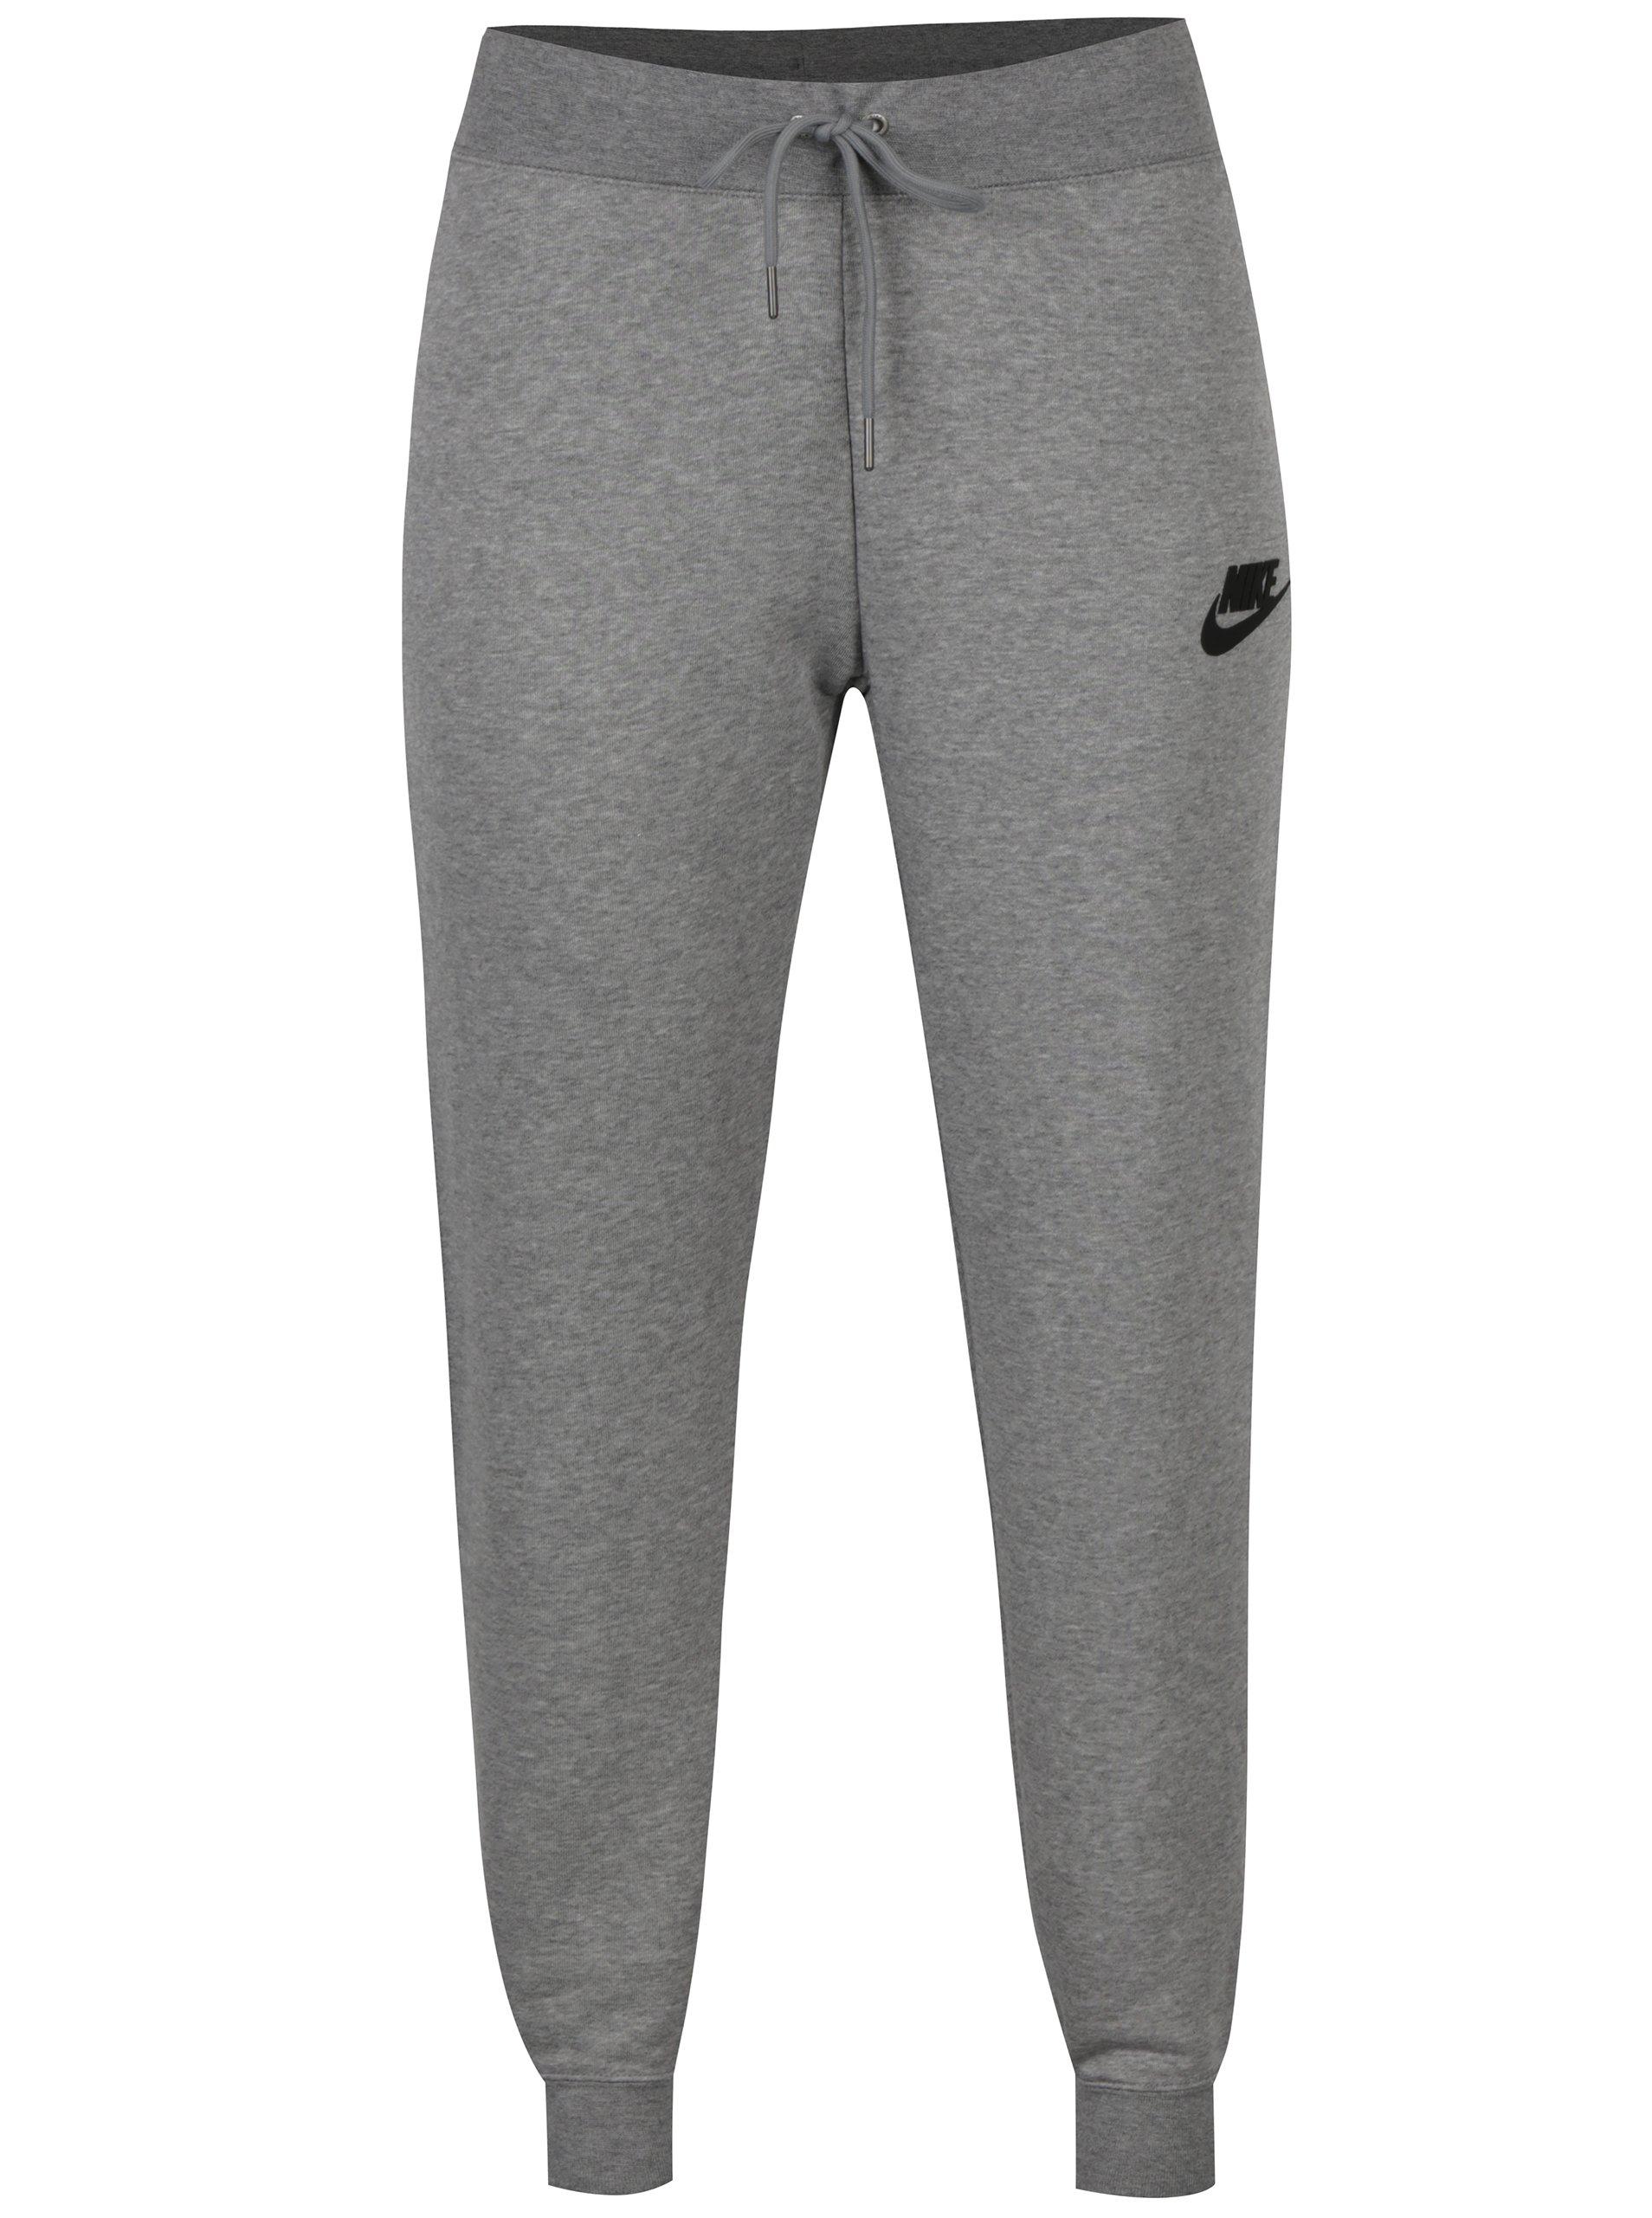 Světle šedé dámské slim fit tepláky Nike Sportswear Modern